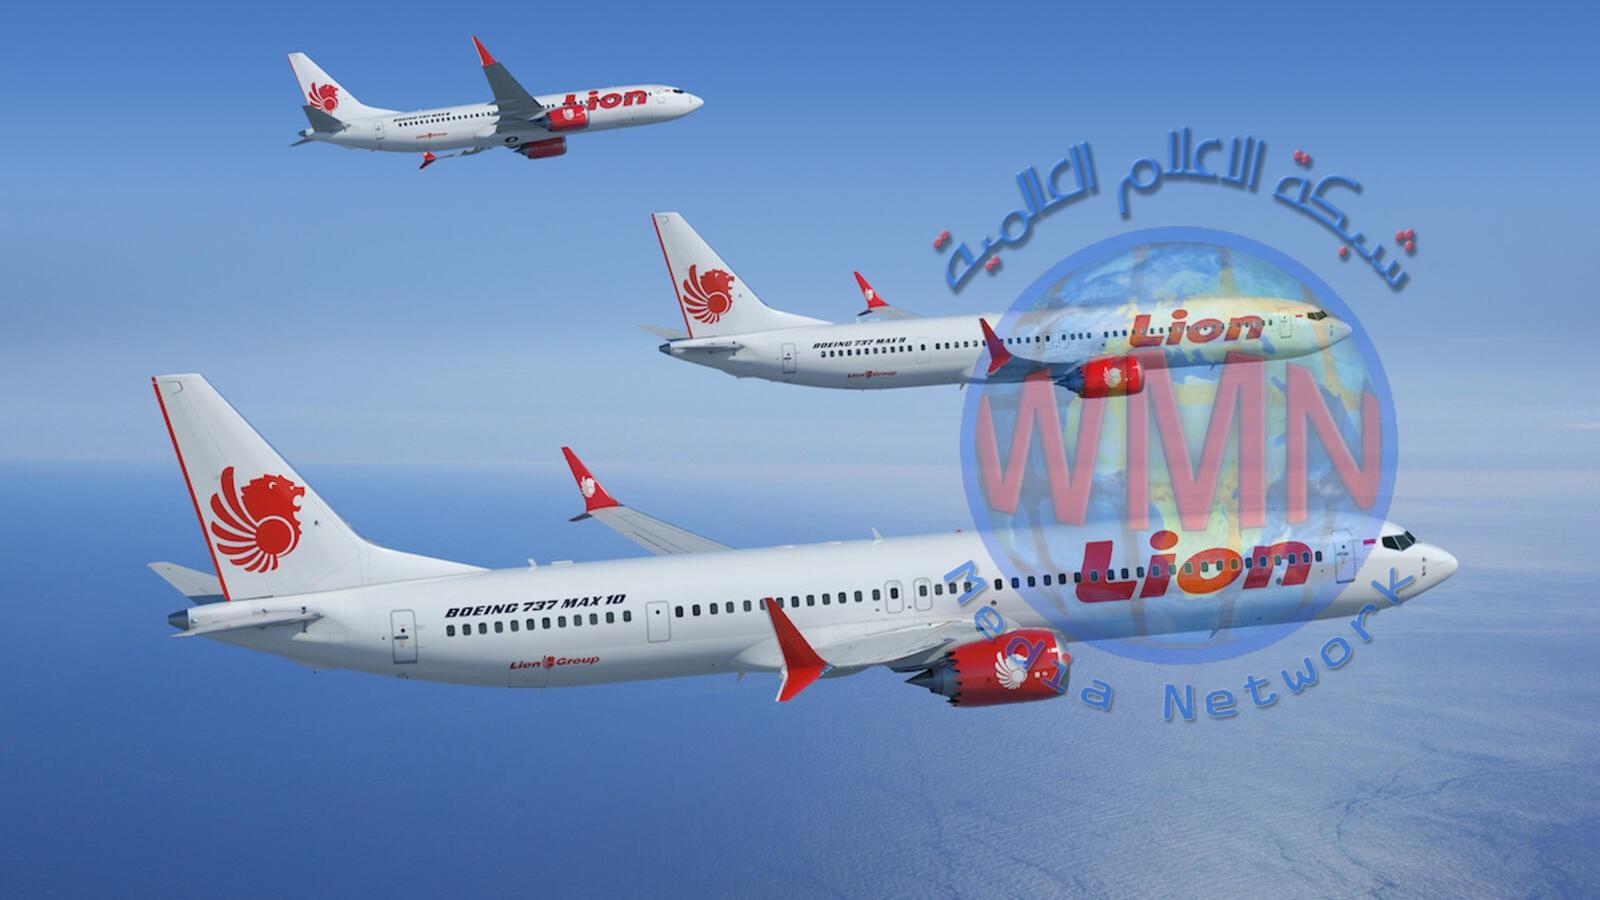 إندونيسيا: عيوبا بالتصميم وتراخيا بالرقابة وراء تحطم طائرة بوينغ 737 ماكس